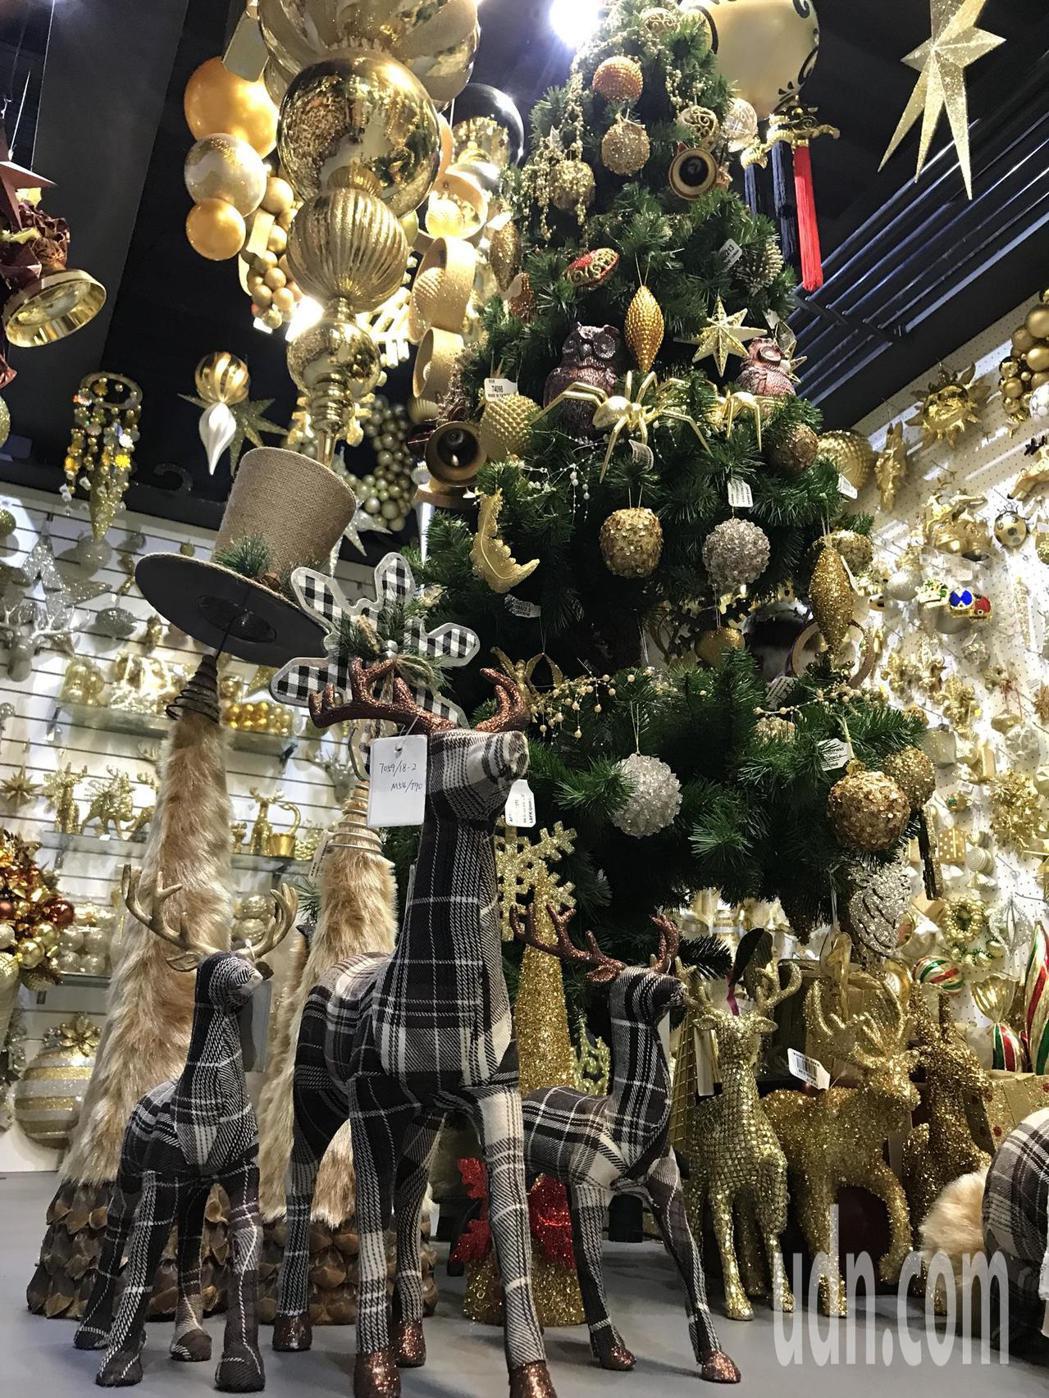 聯瑩工藝生產的耶誕燈飾走高質感。記者陳妍霖/攝影